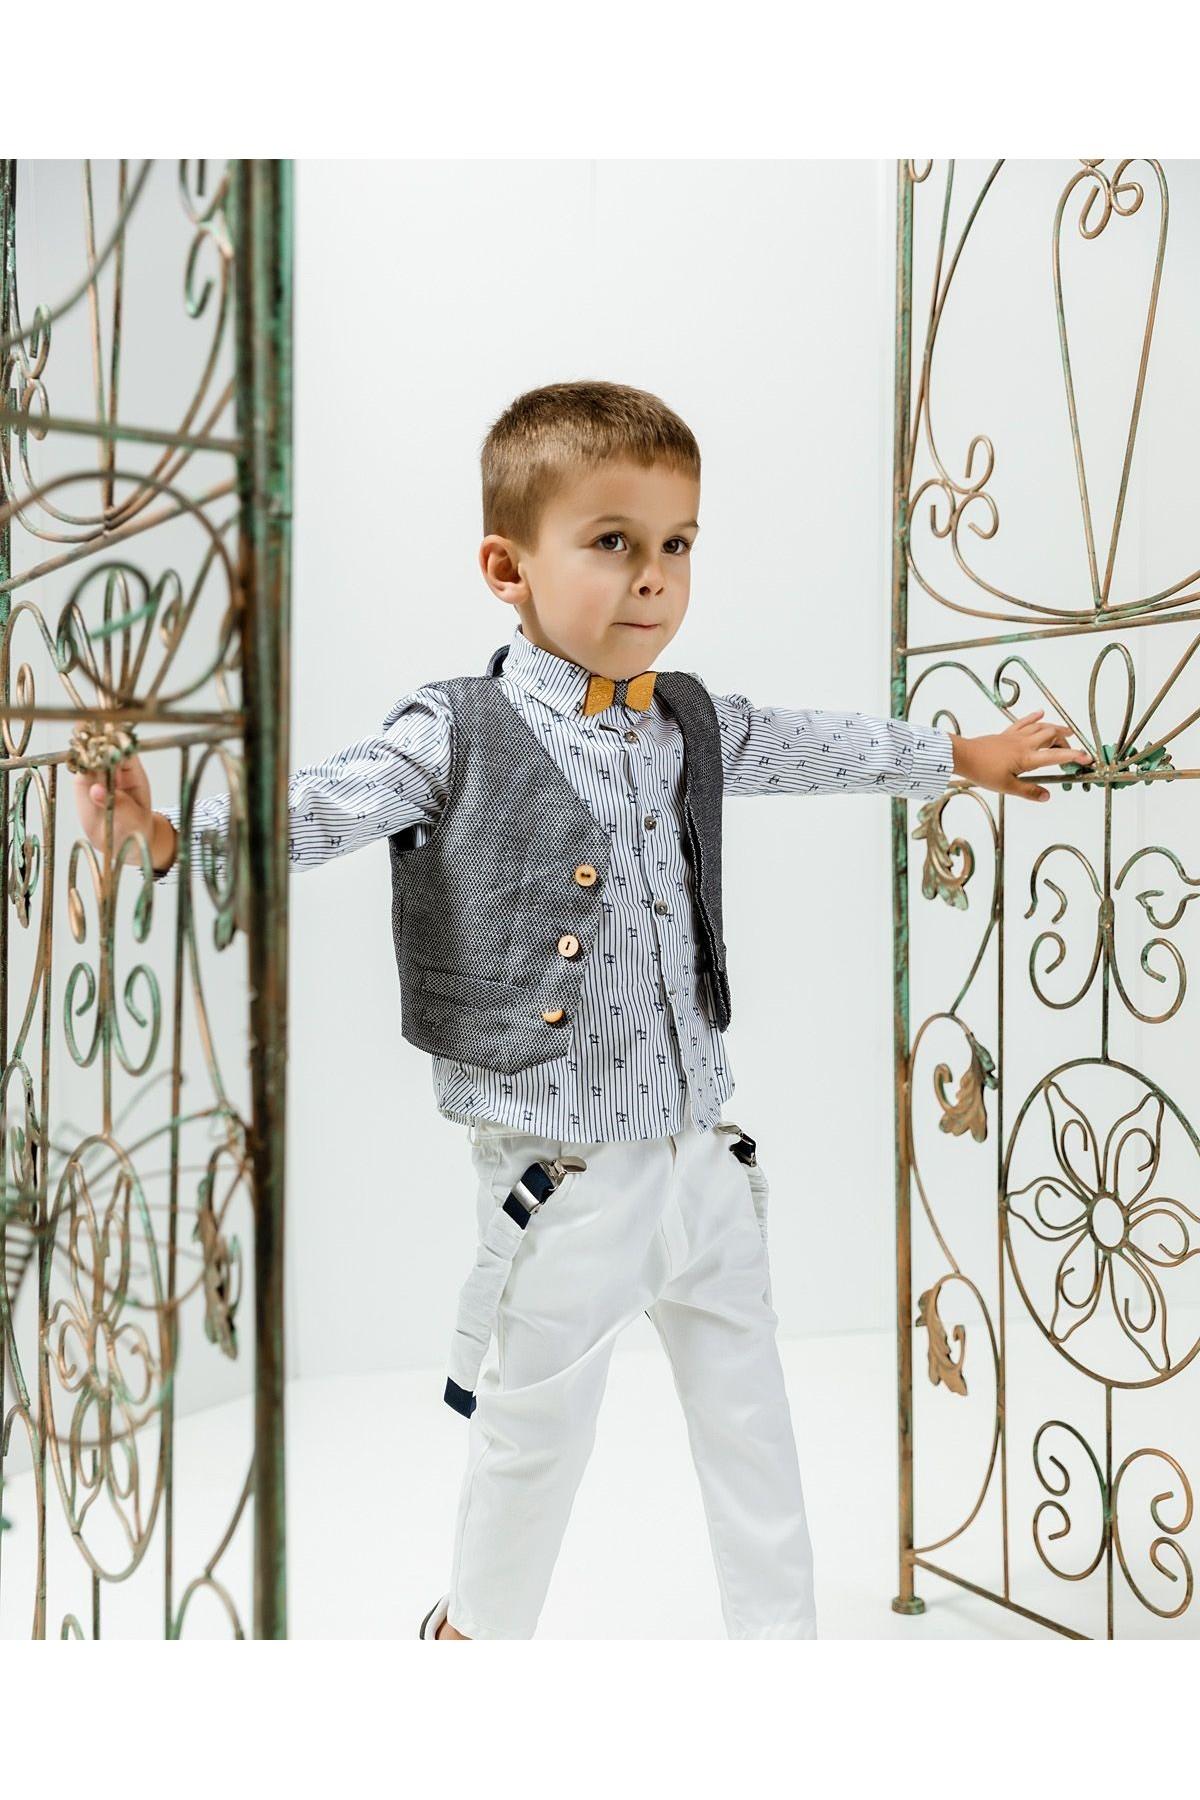 Βαπτιστικό σύνολο αγόρι με λευκό παντελόνι και ριγιέ μπλε πουκάμισο με φοίνικα